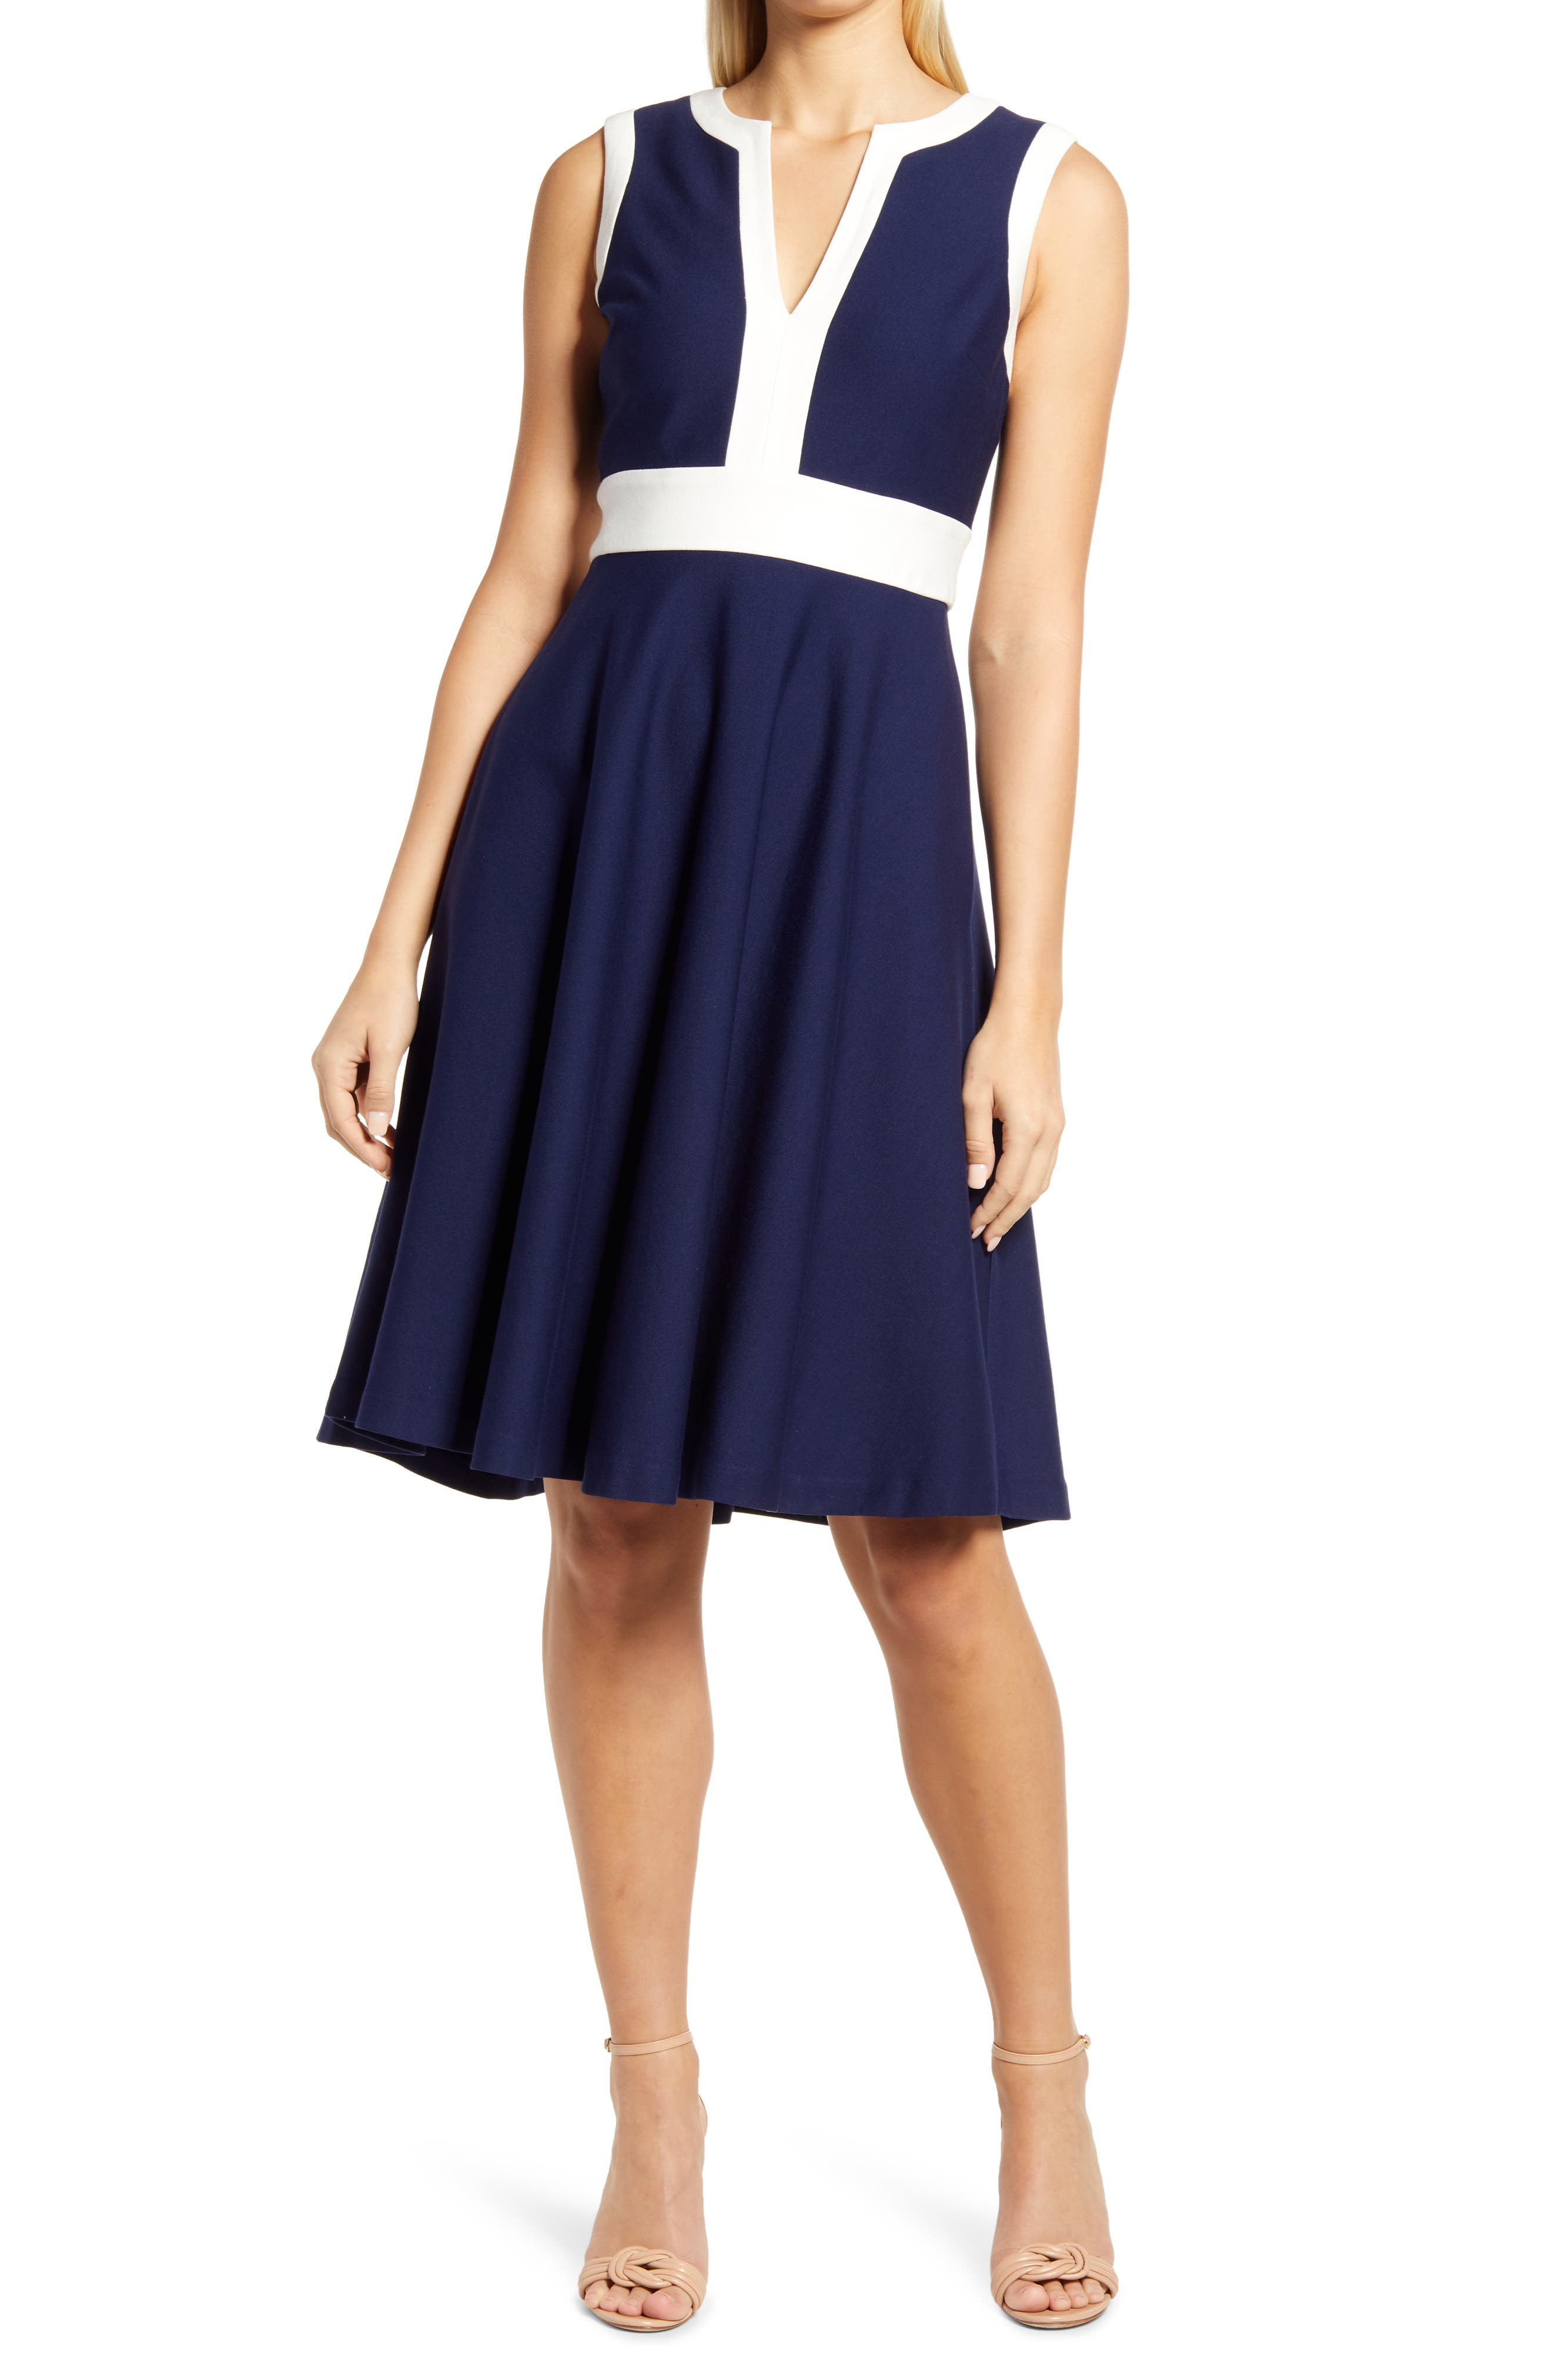 Two Tone Sleeveless A-Line Dress